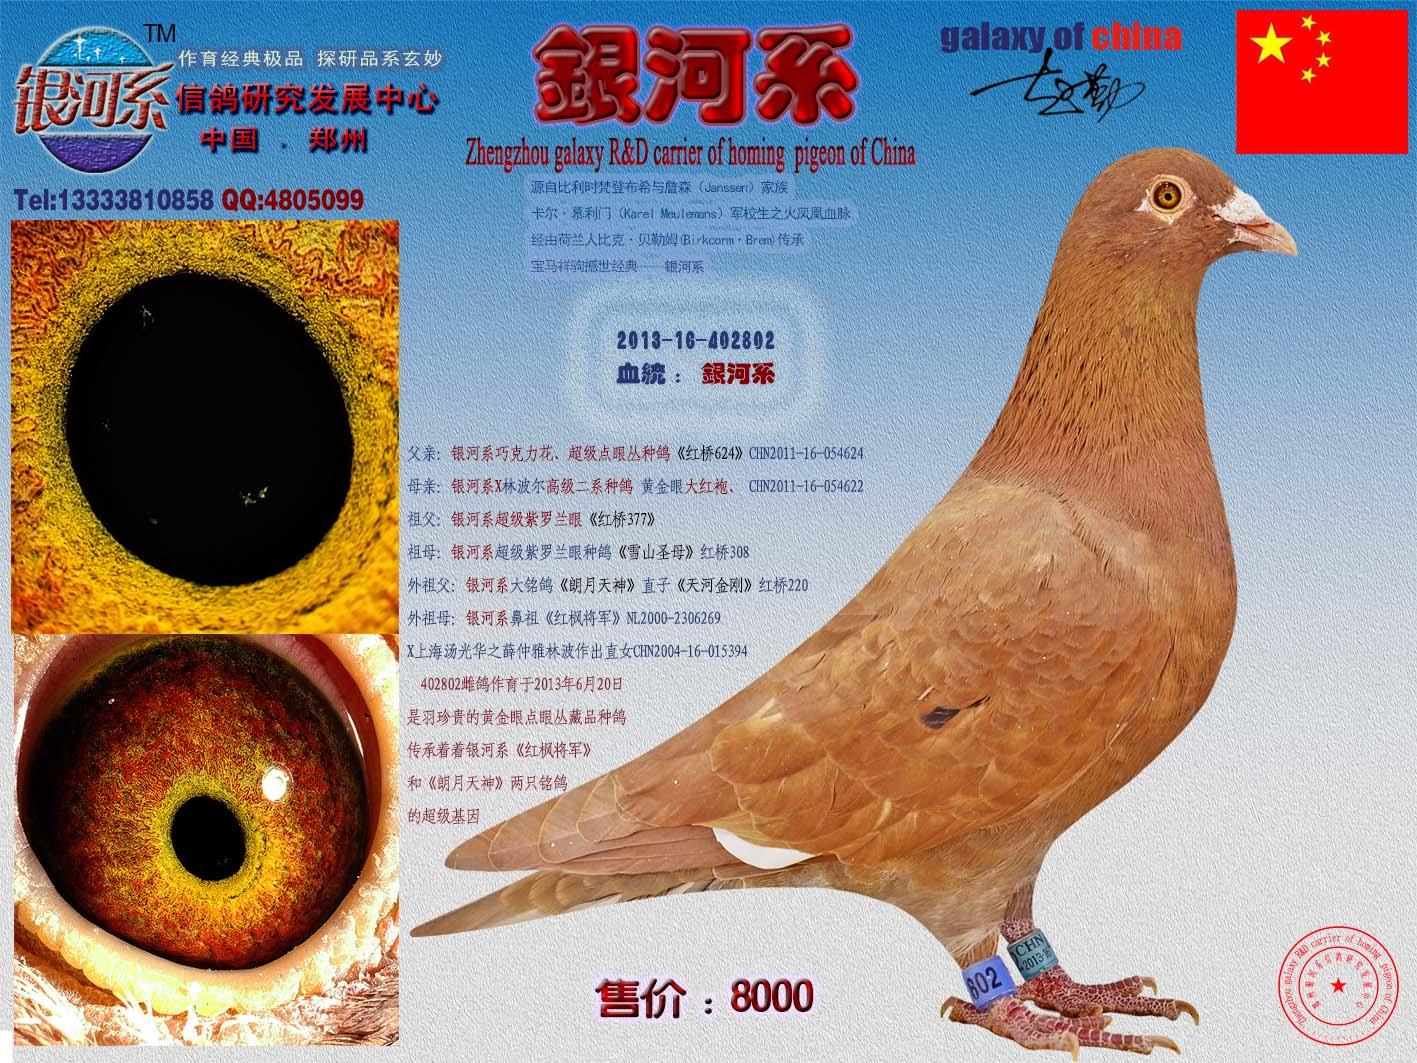 鹦鹉鸽动物鸟类图示鸟鸽子1417_1063教学鱼v鹦鹉图片